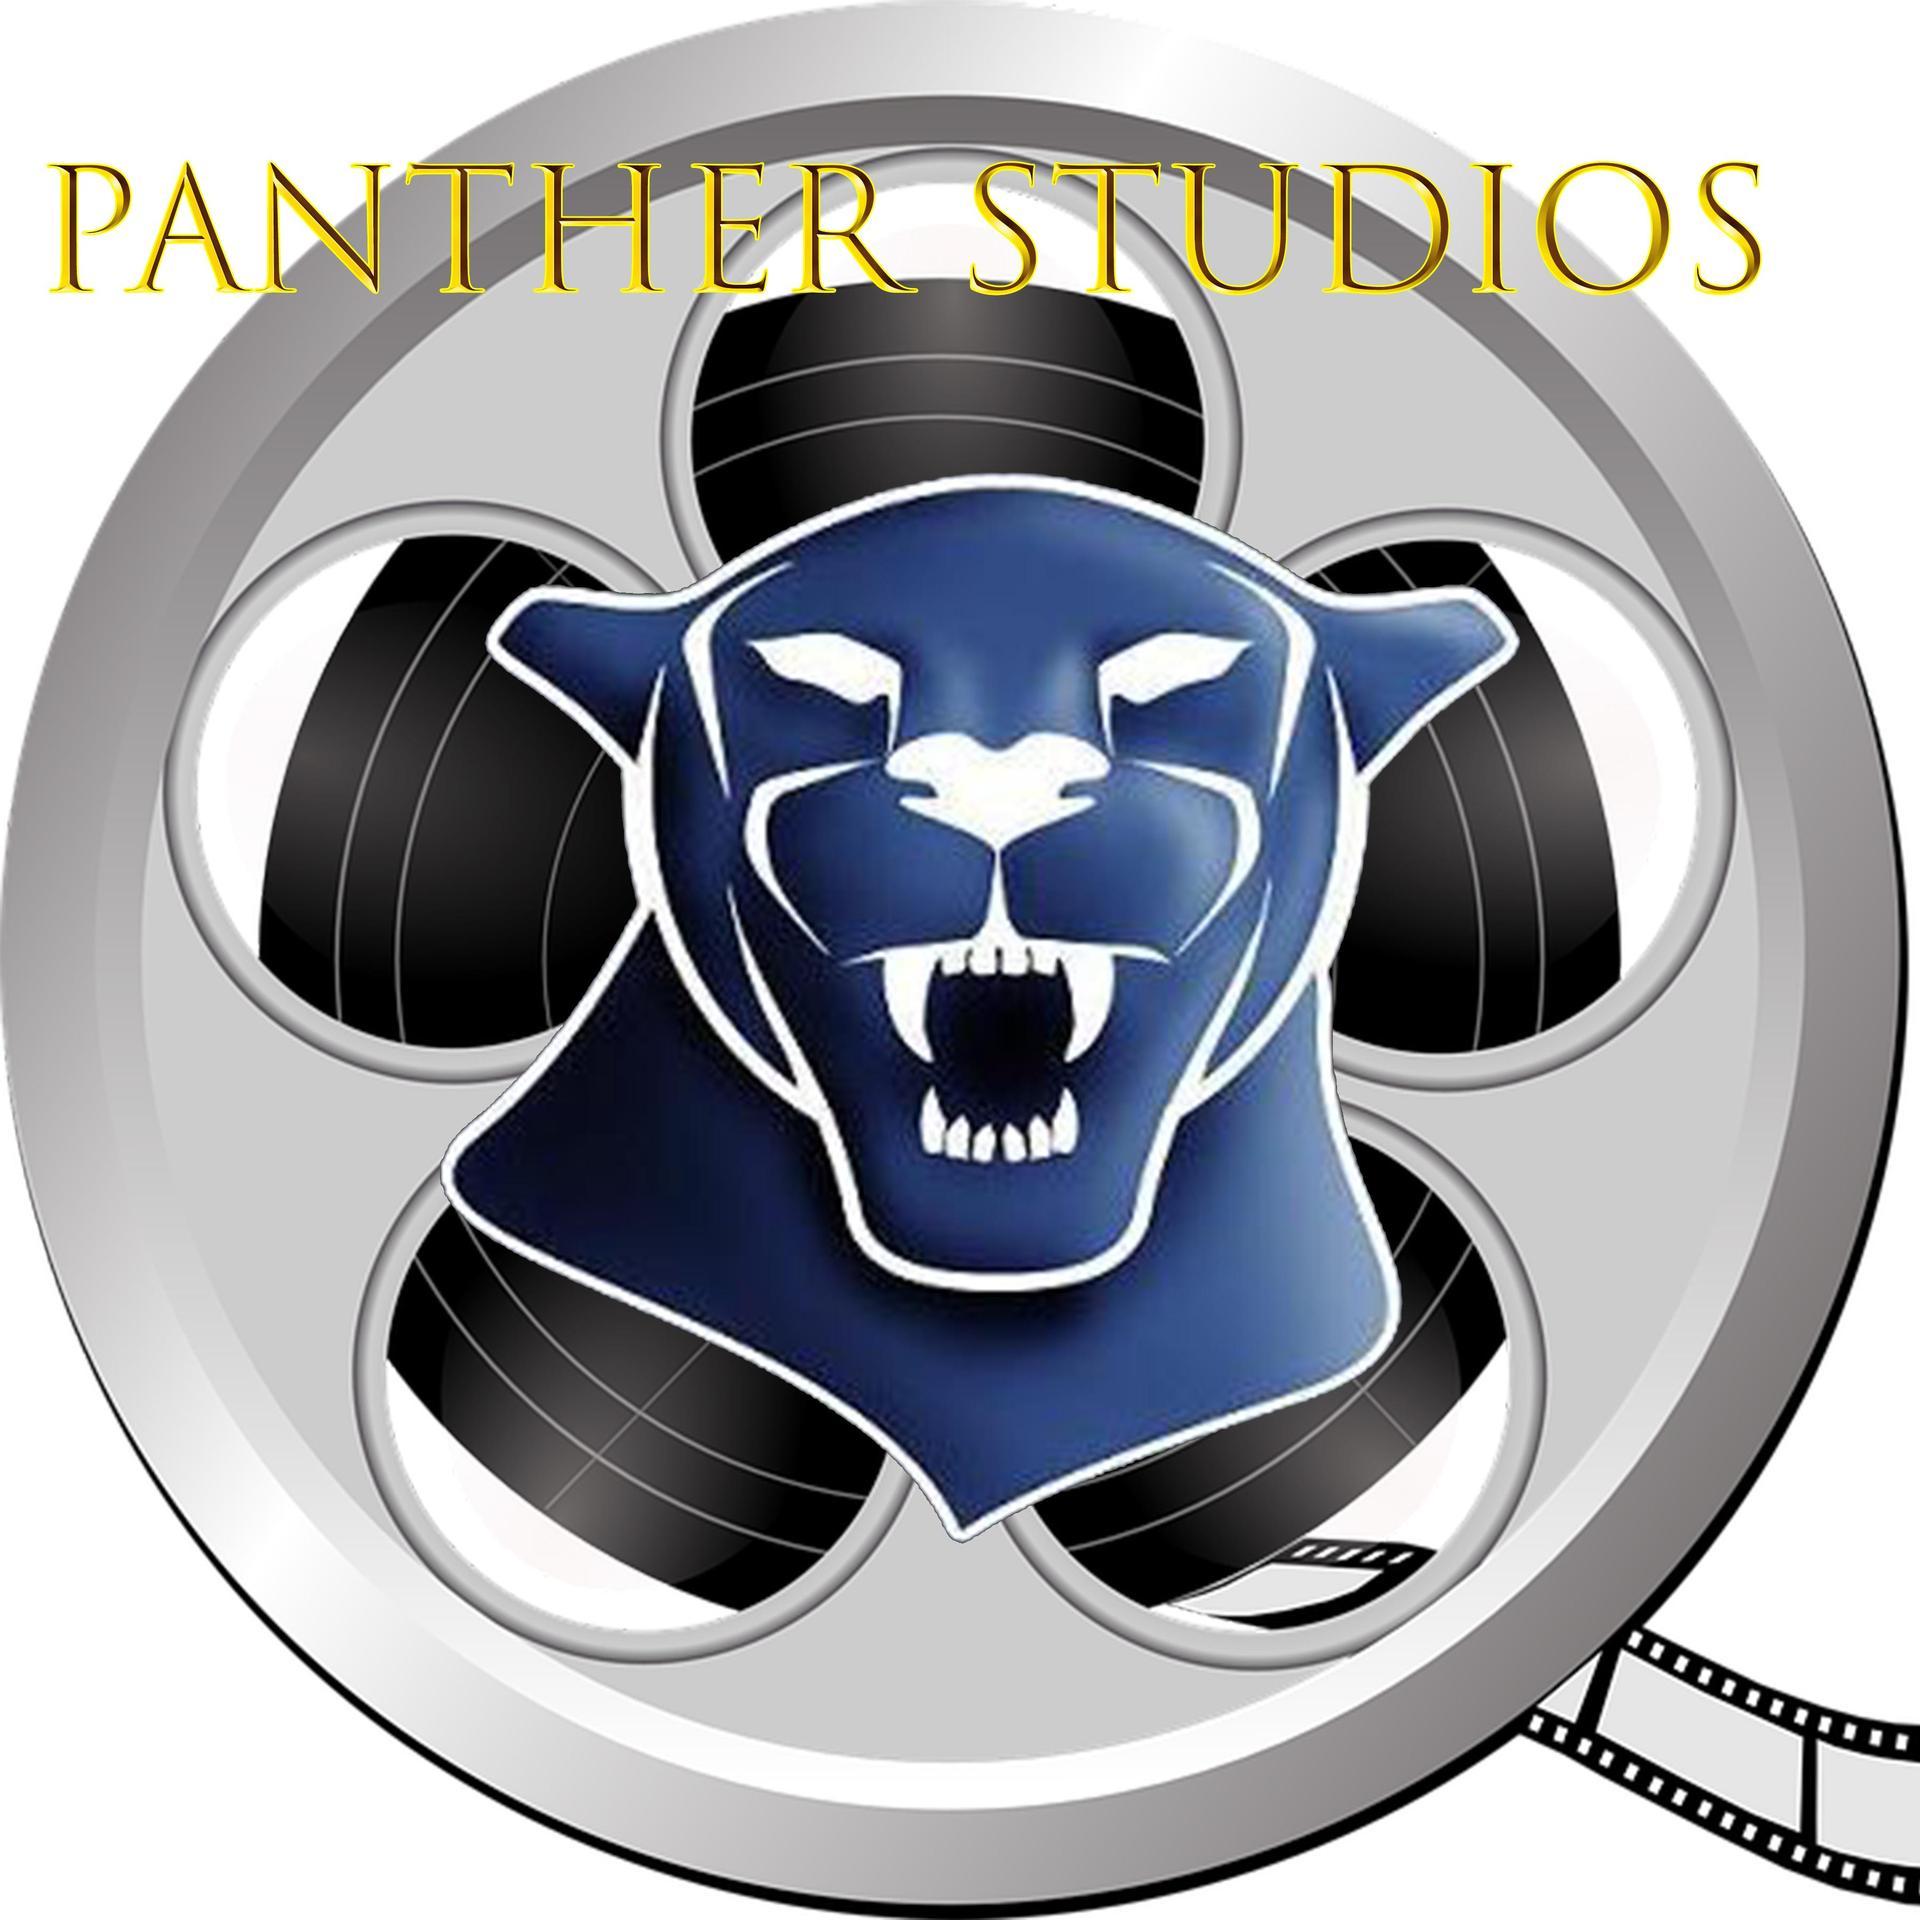 Panther Studios